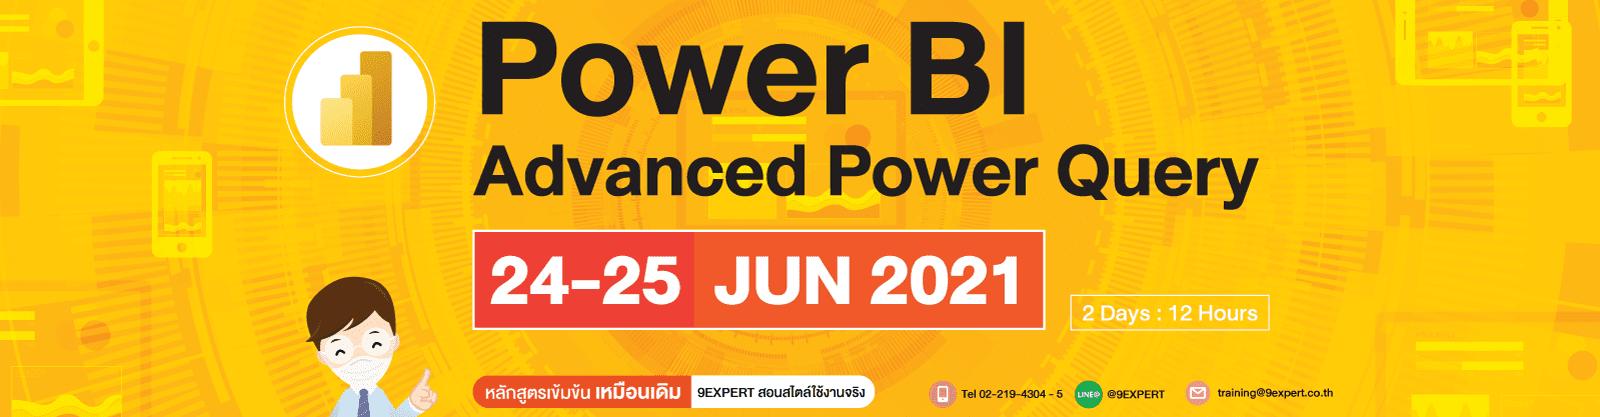 หลักสูตร Power BI Advanced Power Query (2days) 24-25 มิถุนายน 2564